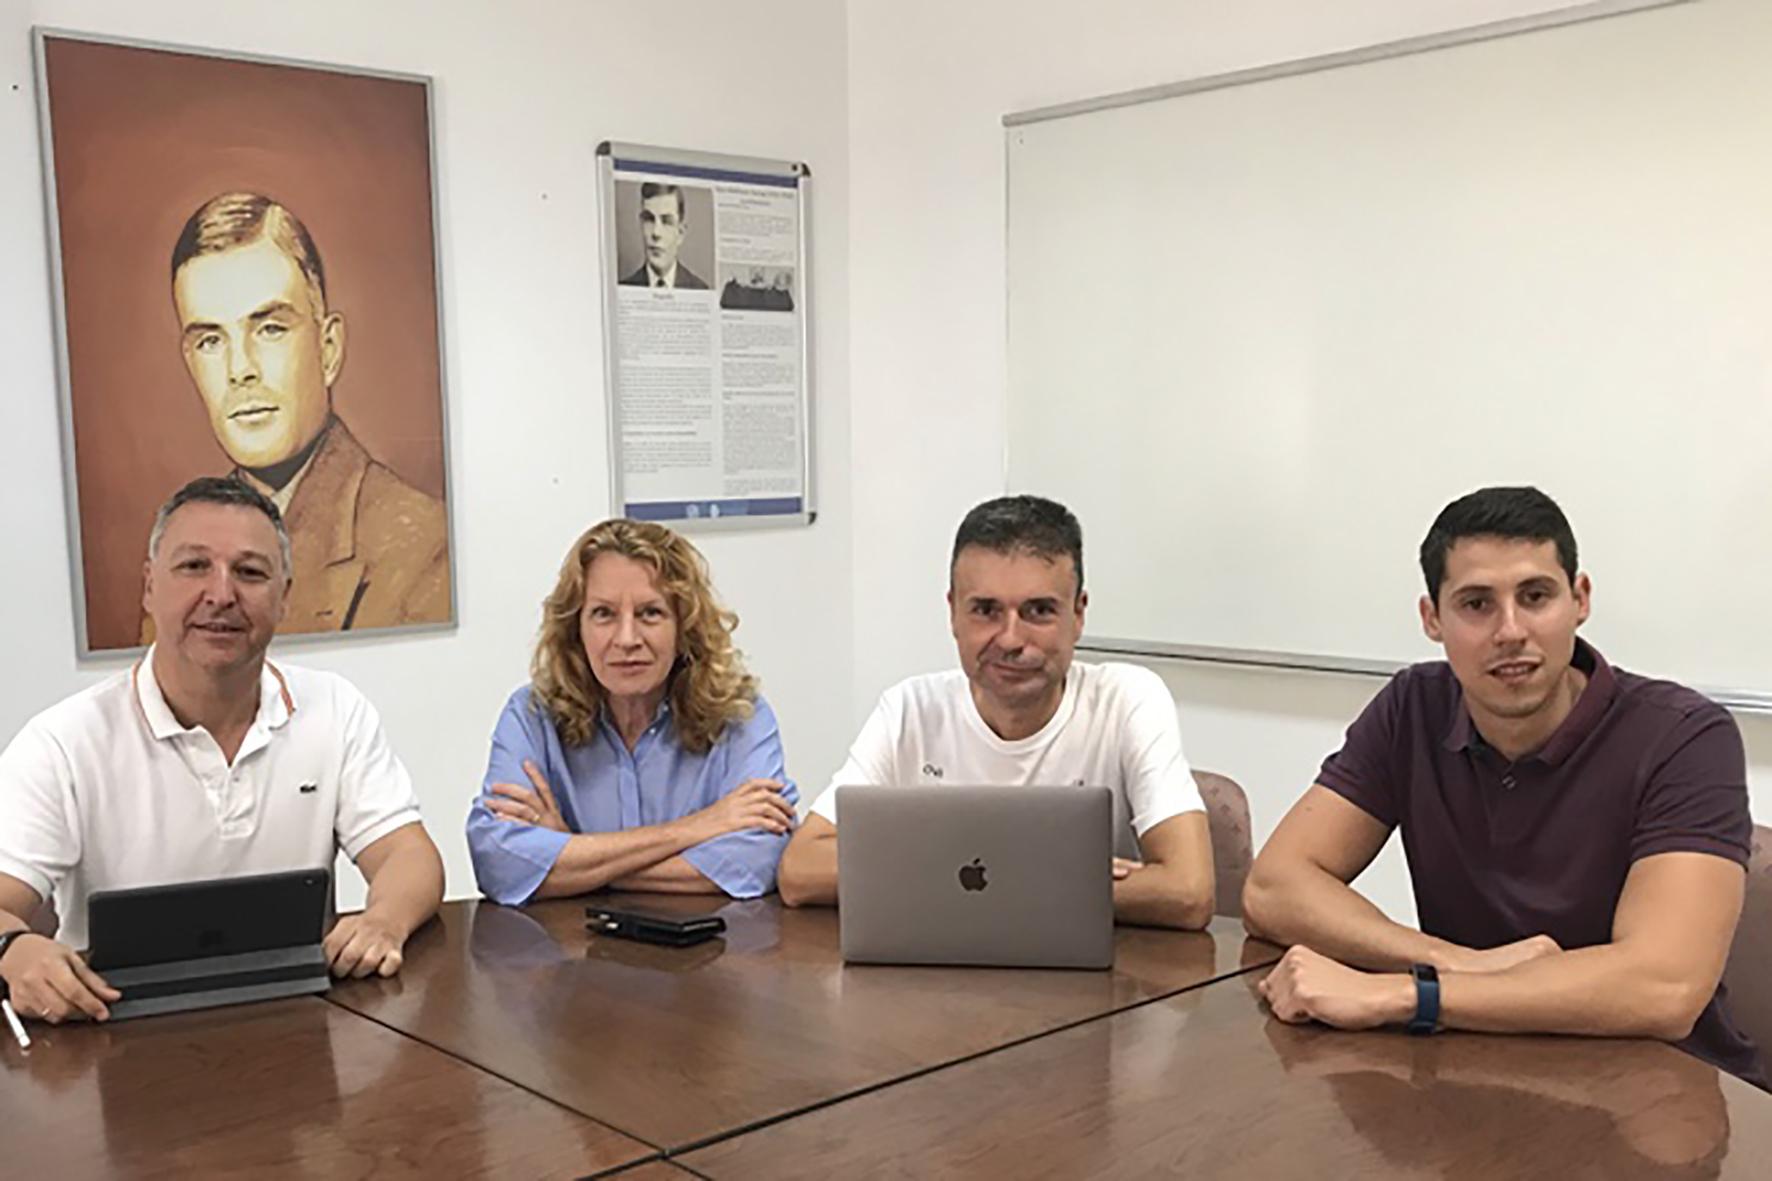 La UAL es premiada por la Sociedad Española de Agroingeniería gracias al proyecto Internet Food and Farm 'iof2020'